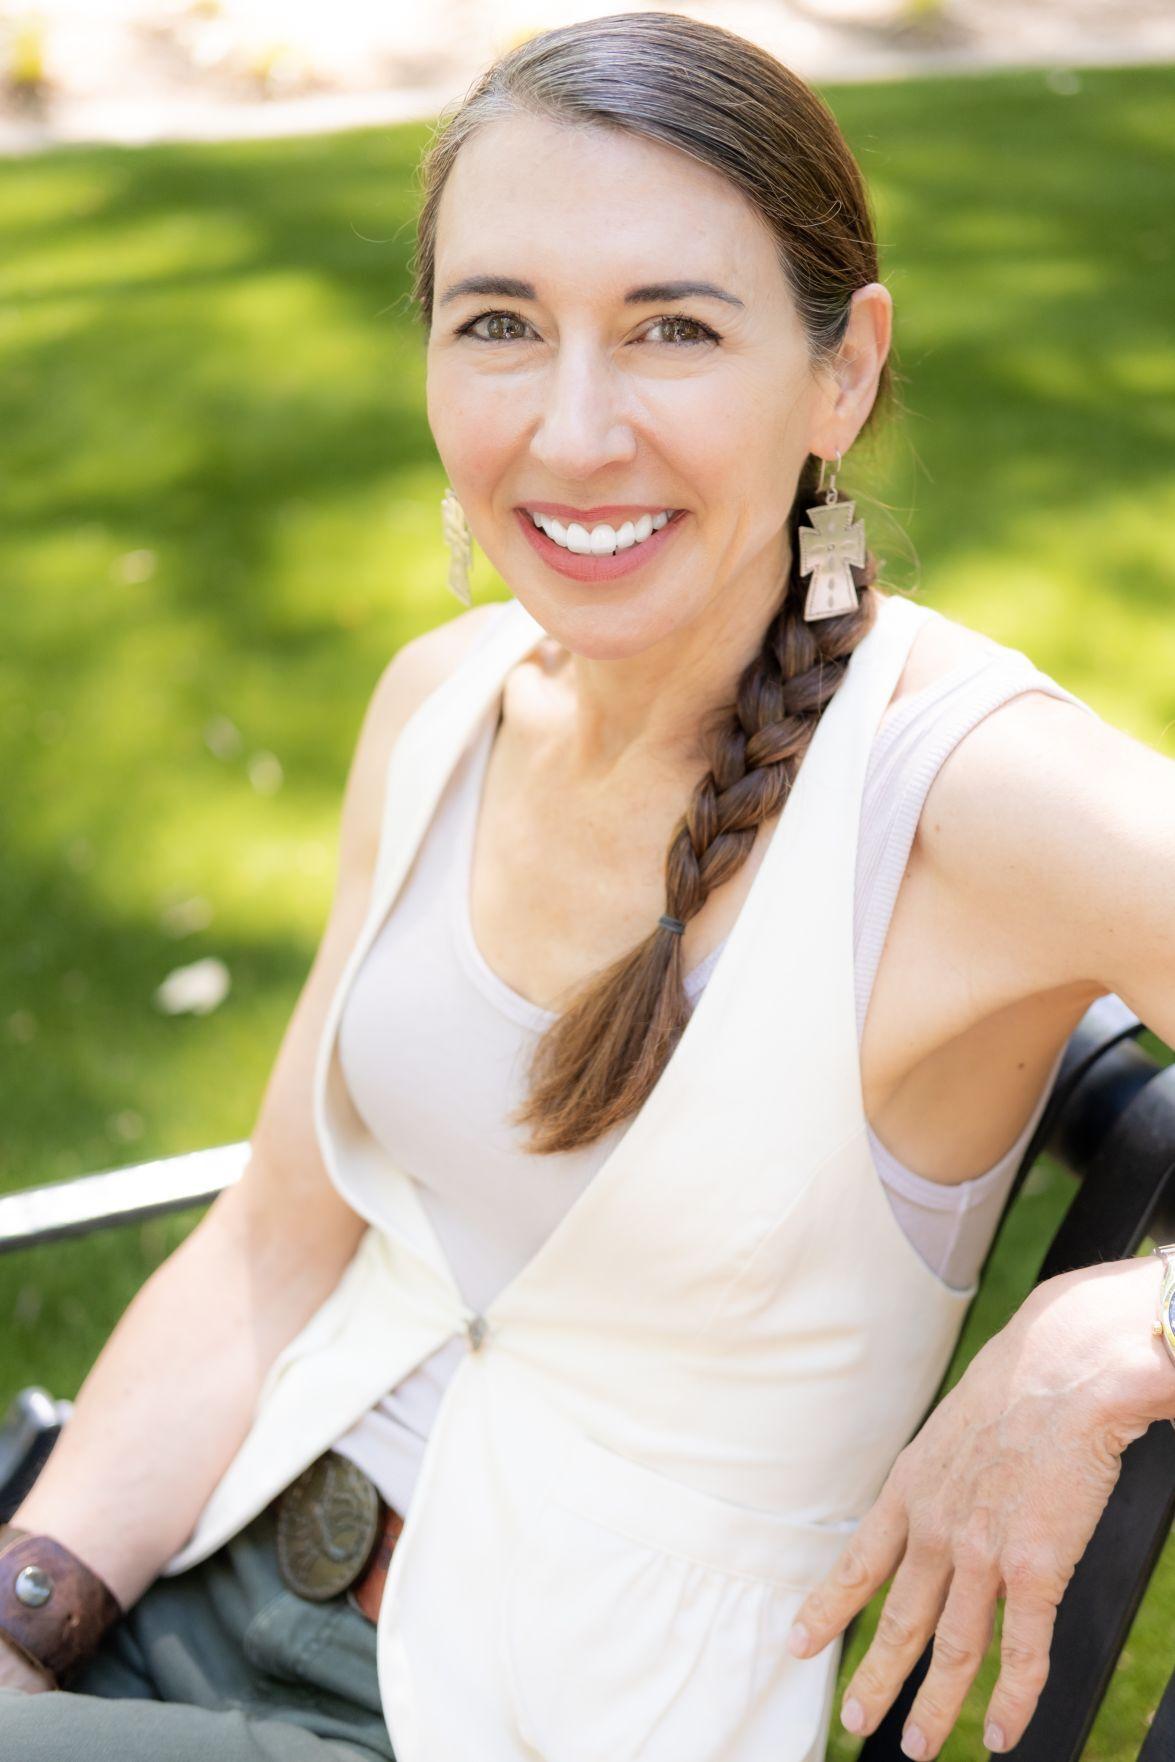 Angela Hoxsey